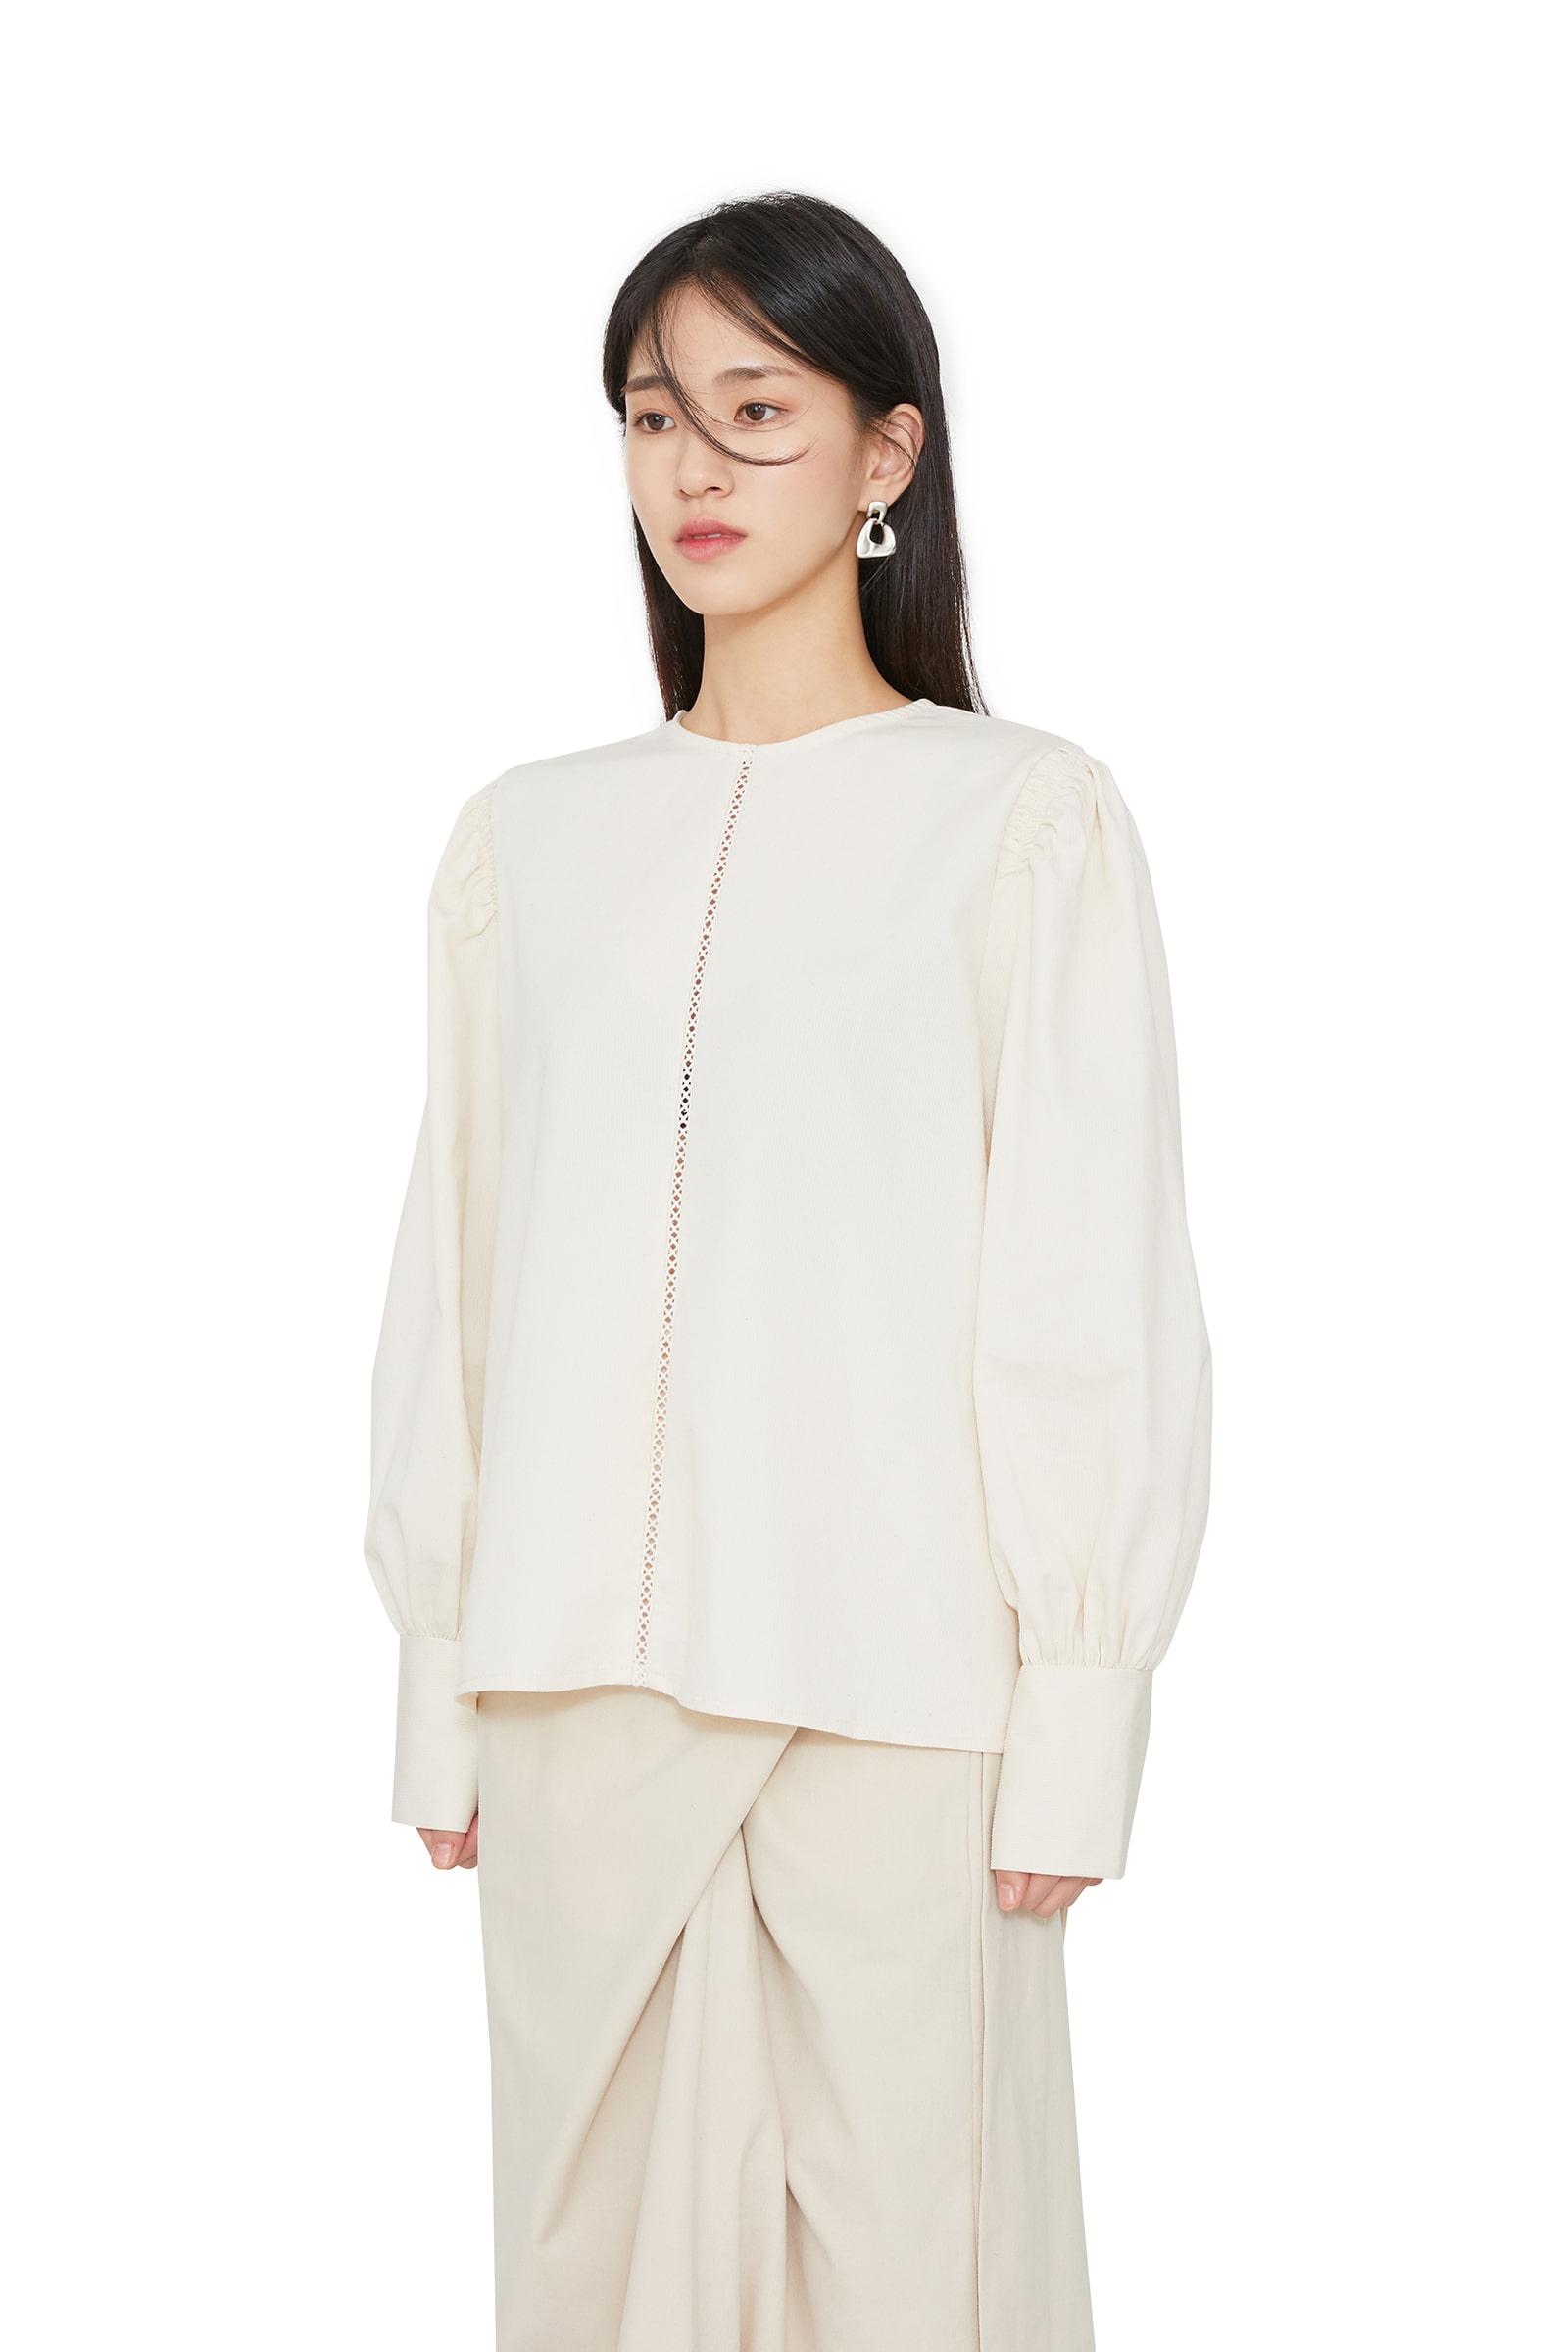 Celize peach blouse